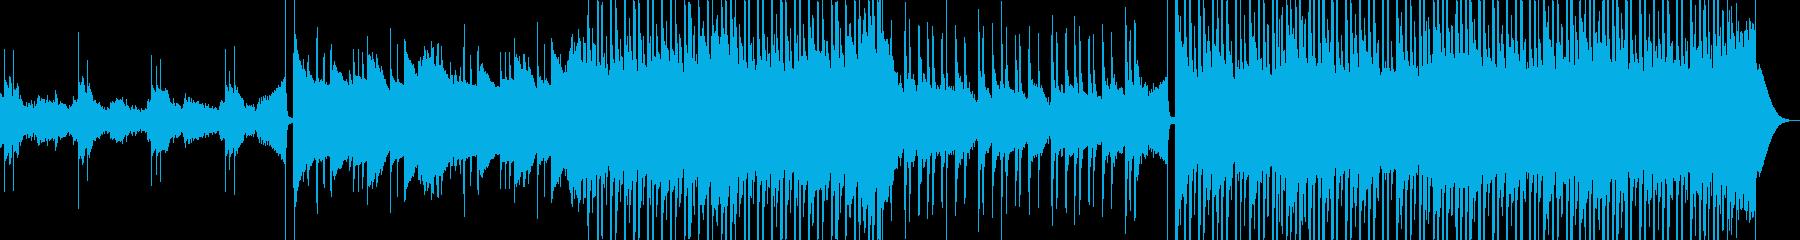 R&B・エモい・落ち着いた・風情・色気の再生済みの波形